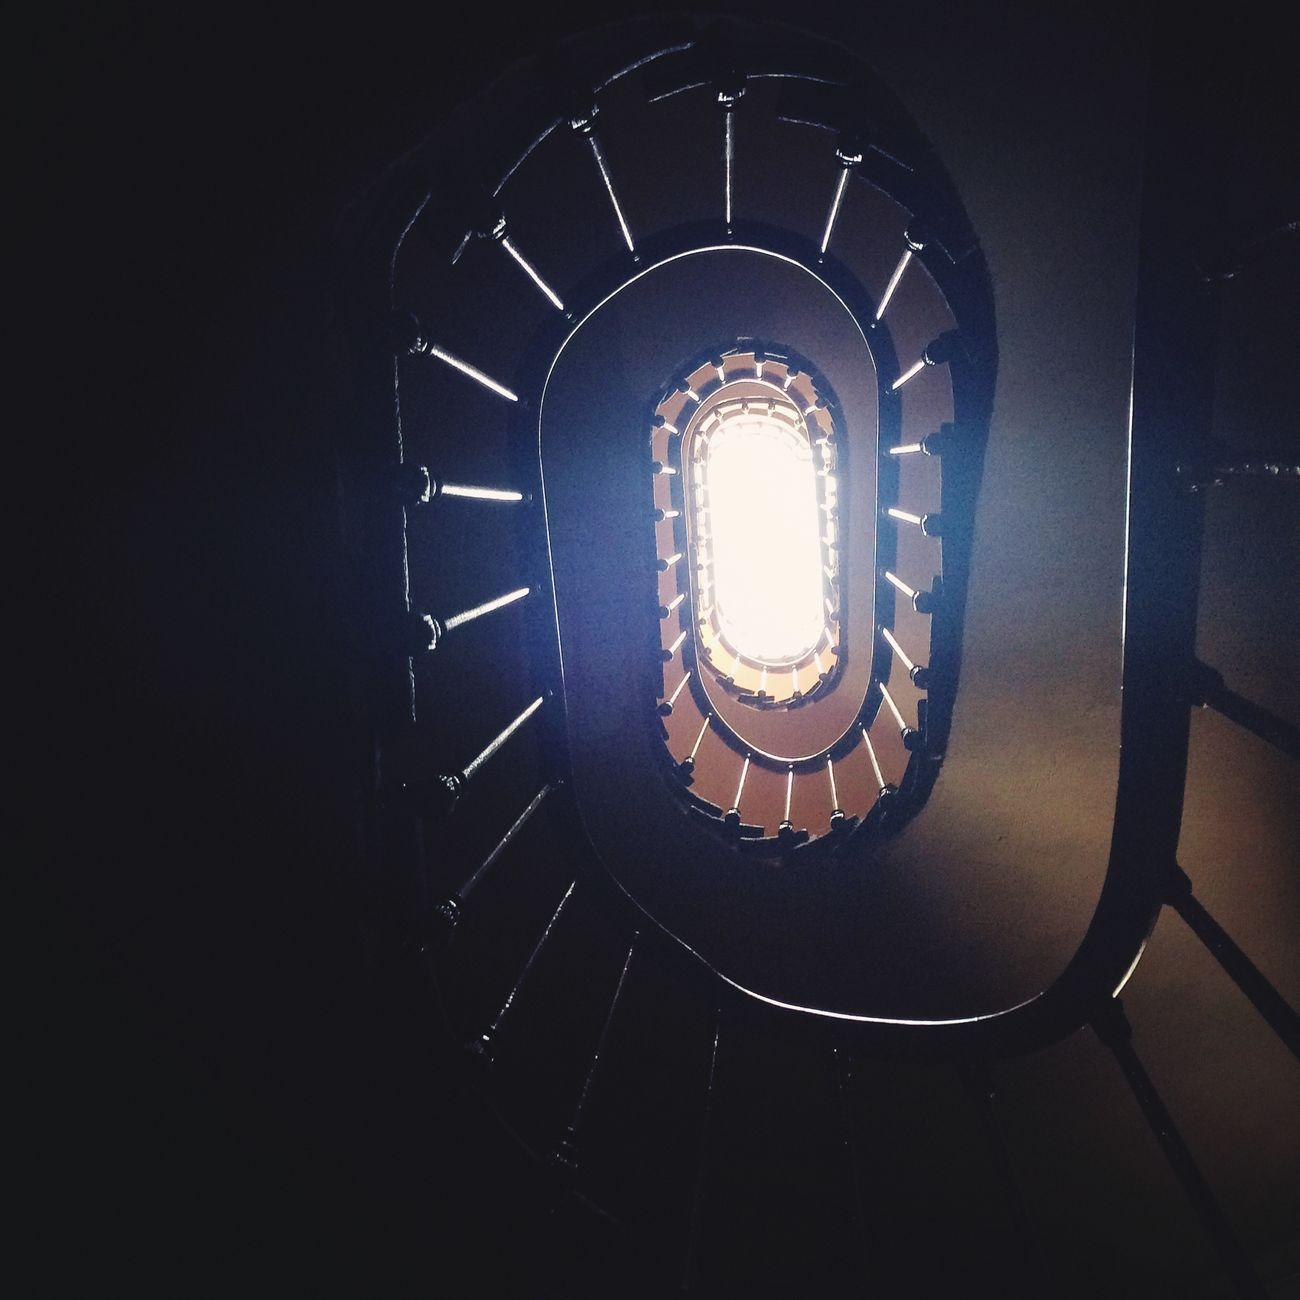 🏃🏻 🏡 Escalier Escaliers Verslalumière Jusqu'à La Maison